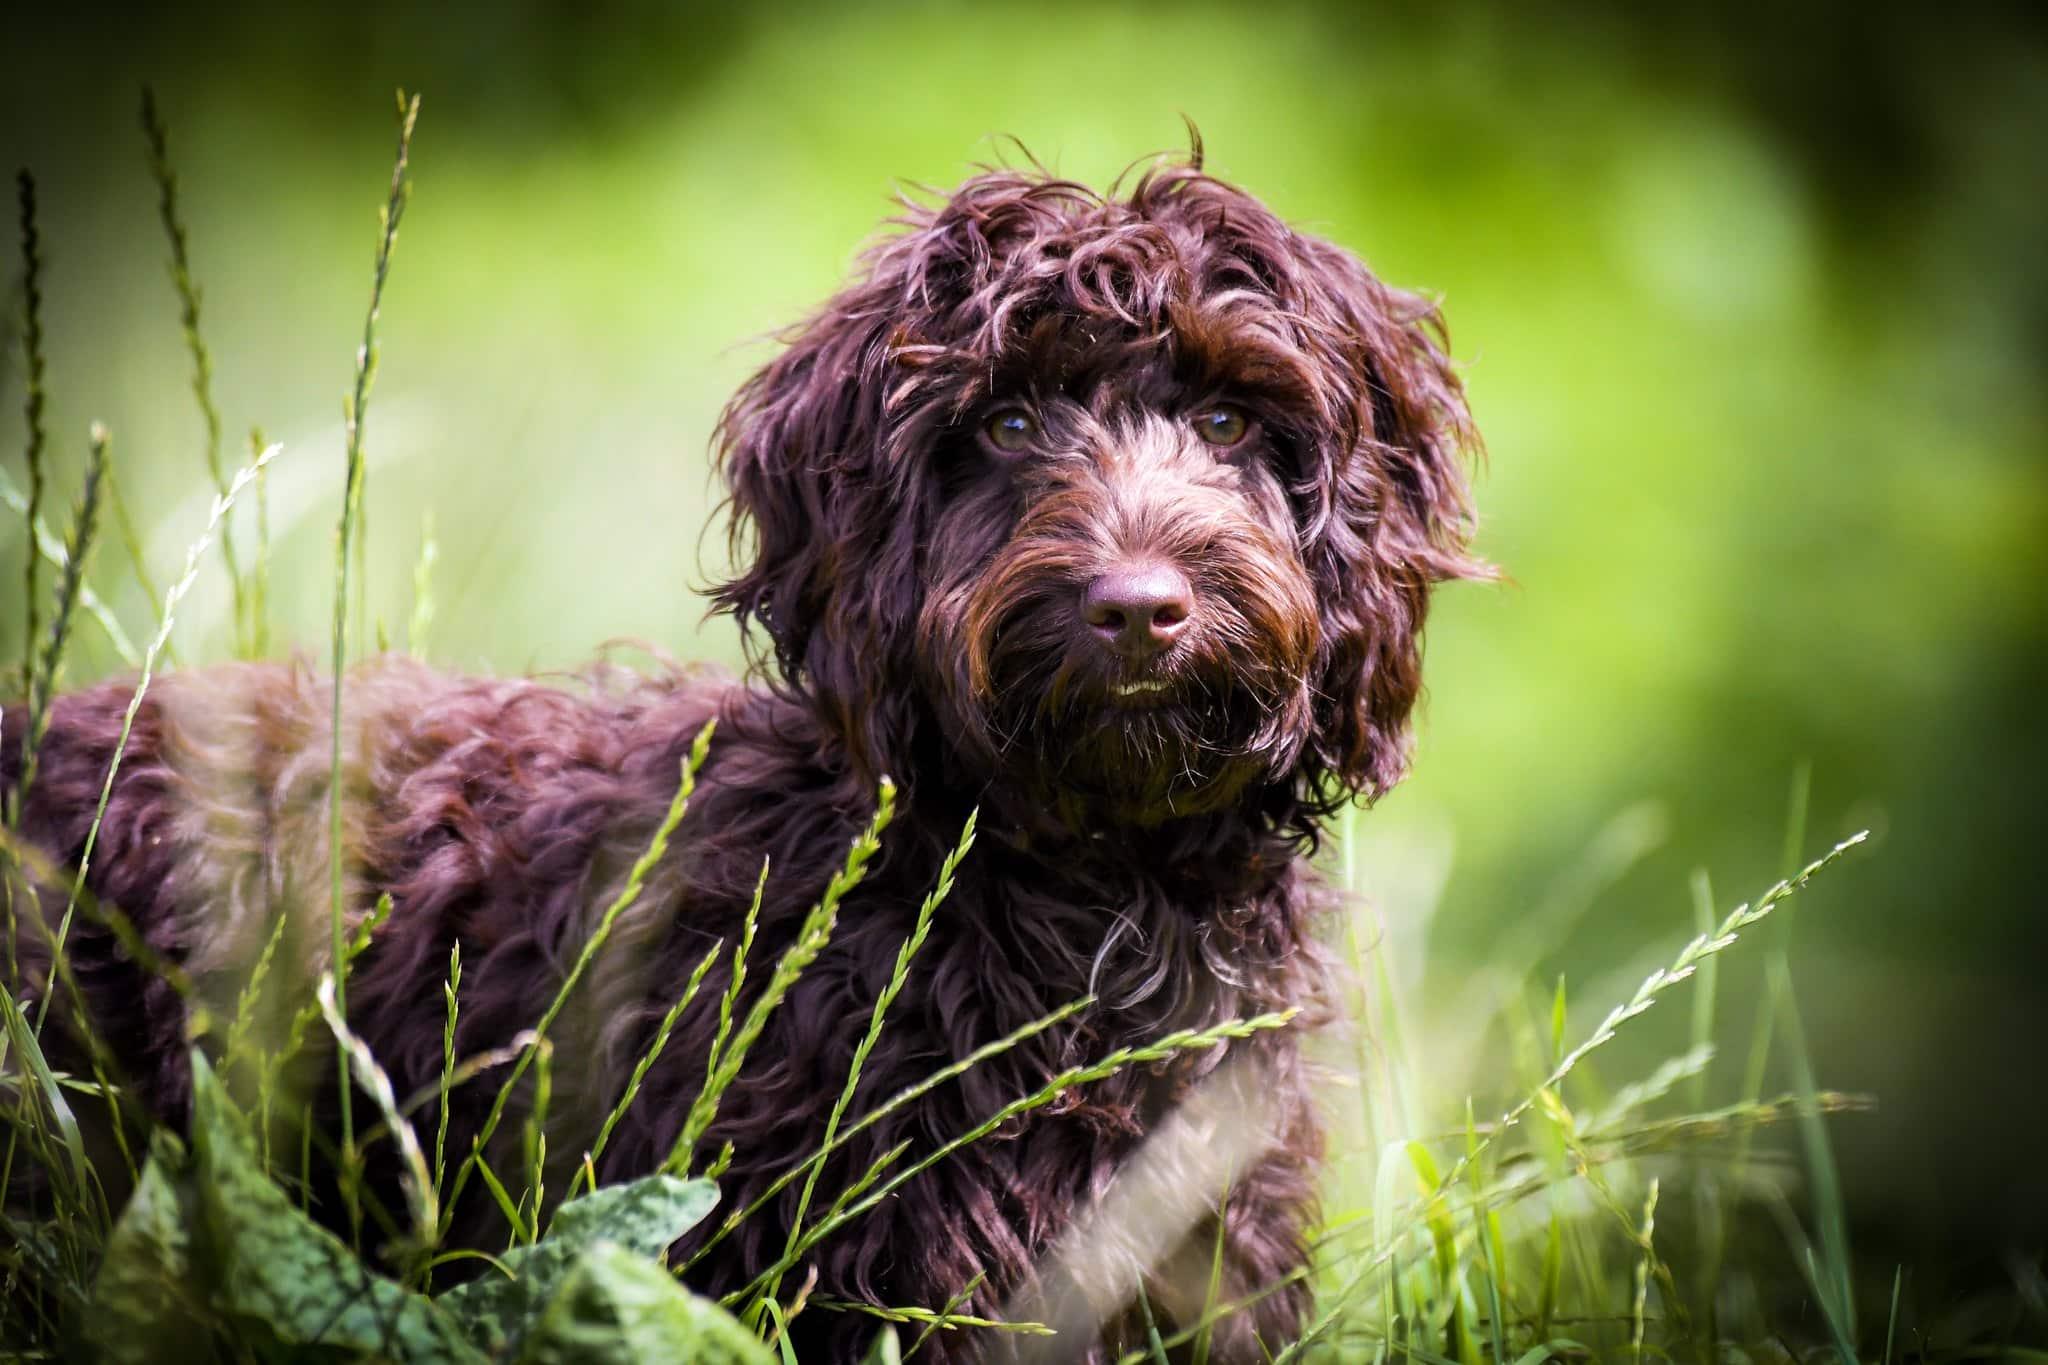 Кокапу (собака): помесь кокер спаниеля и пуделя